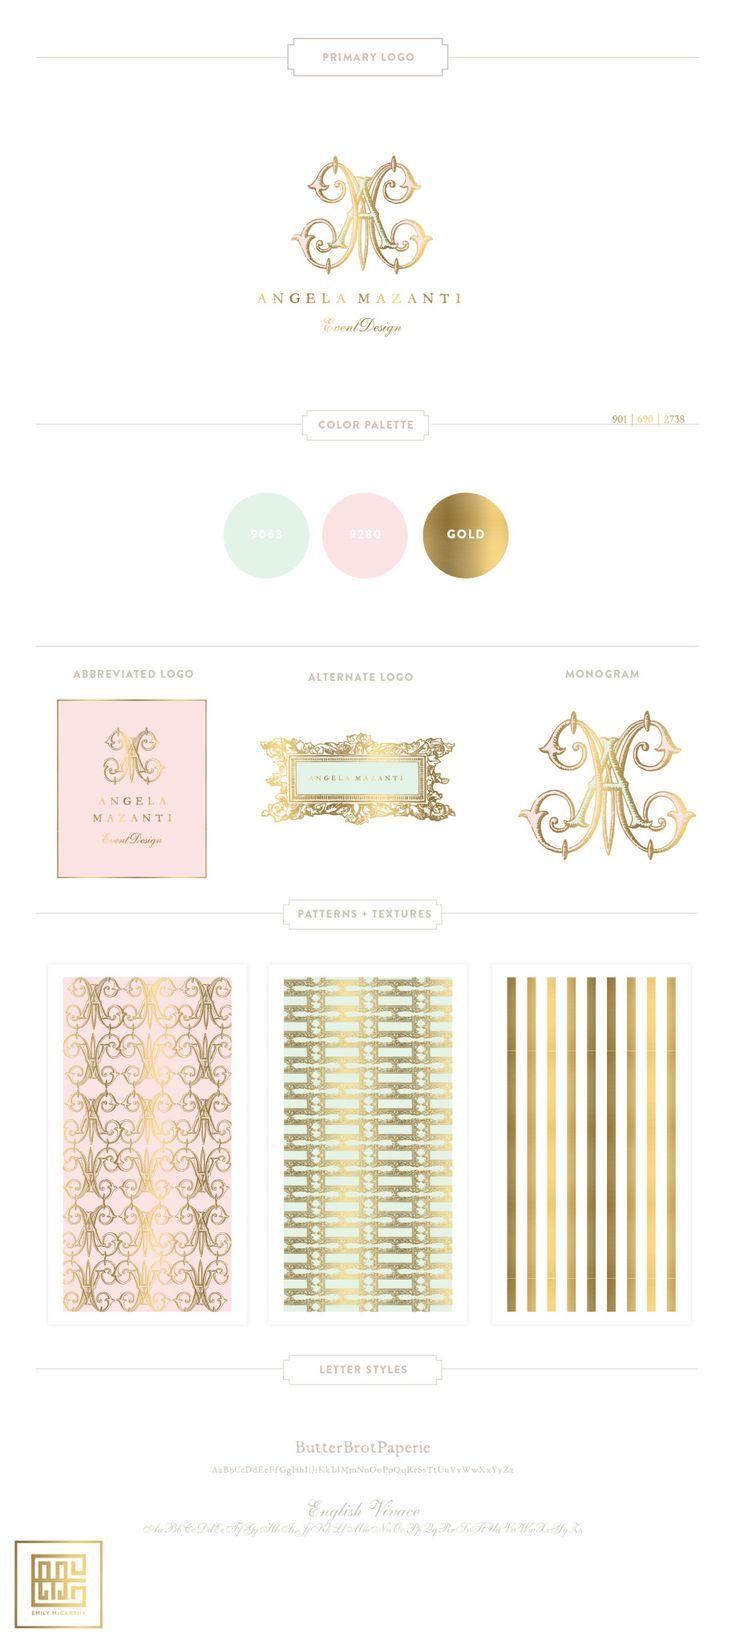 best diseño images on pinterest